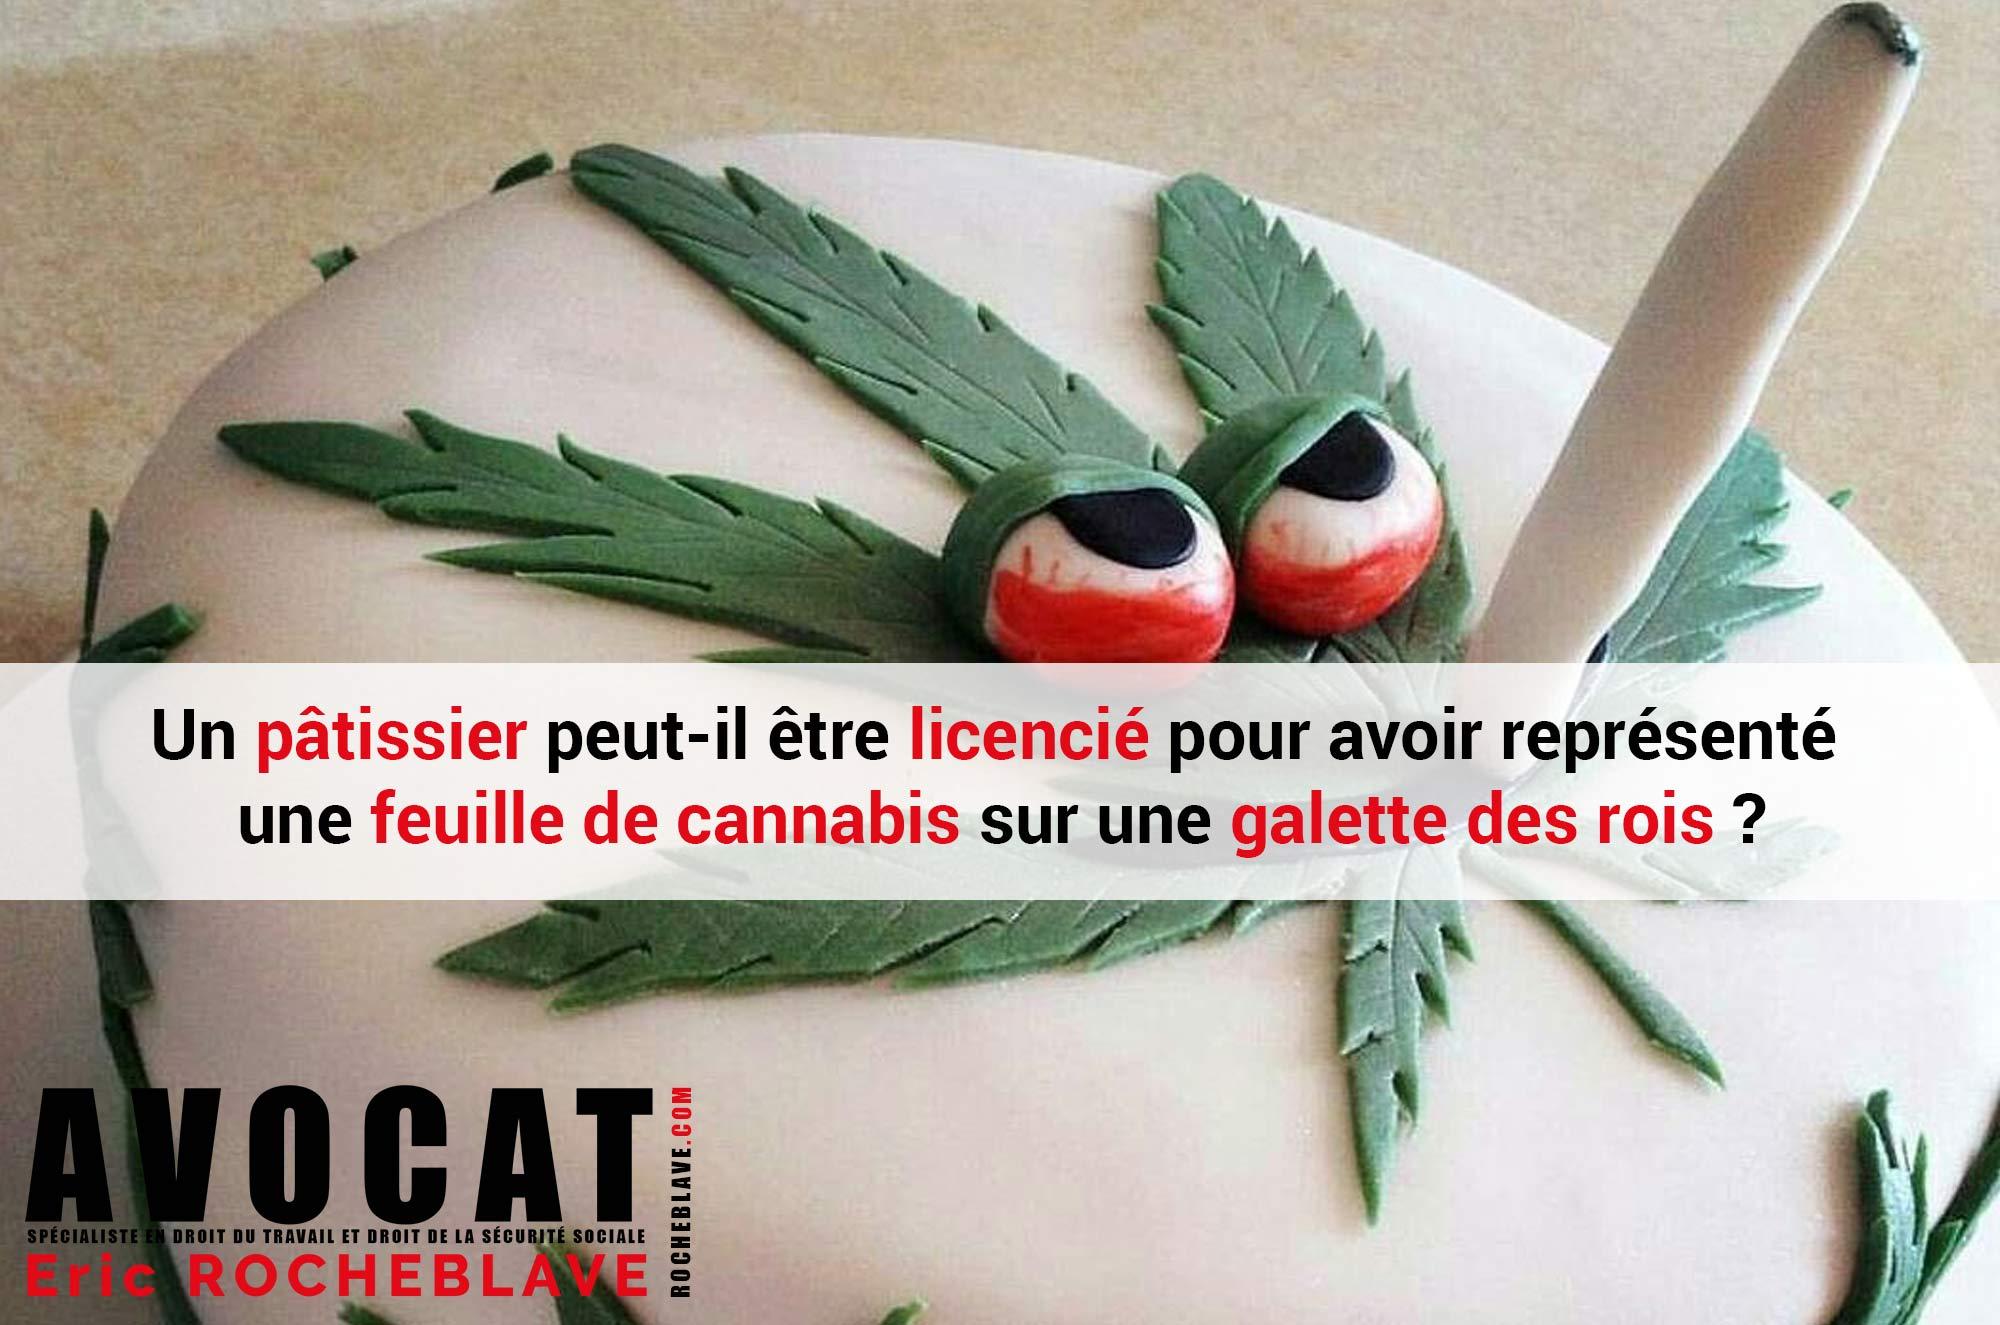 Un pâtissier peut-il être licencié pour avoir représenté une feuille de cannabis sur une galette des rois ?